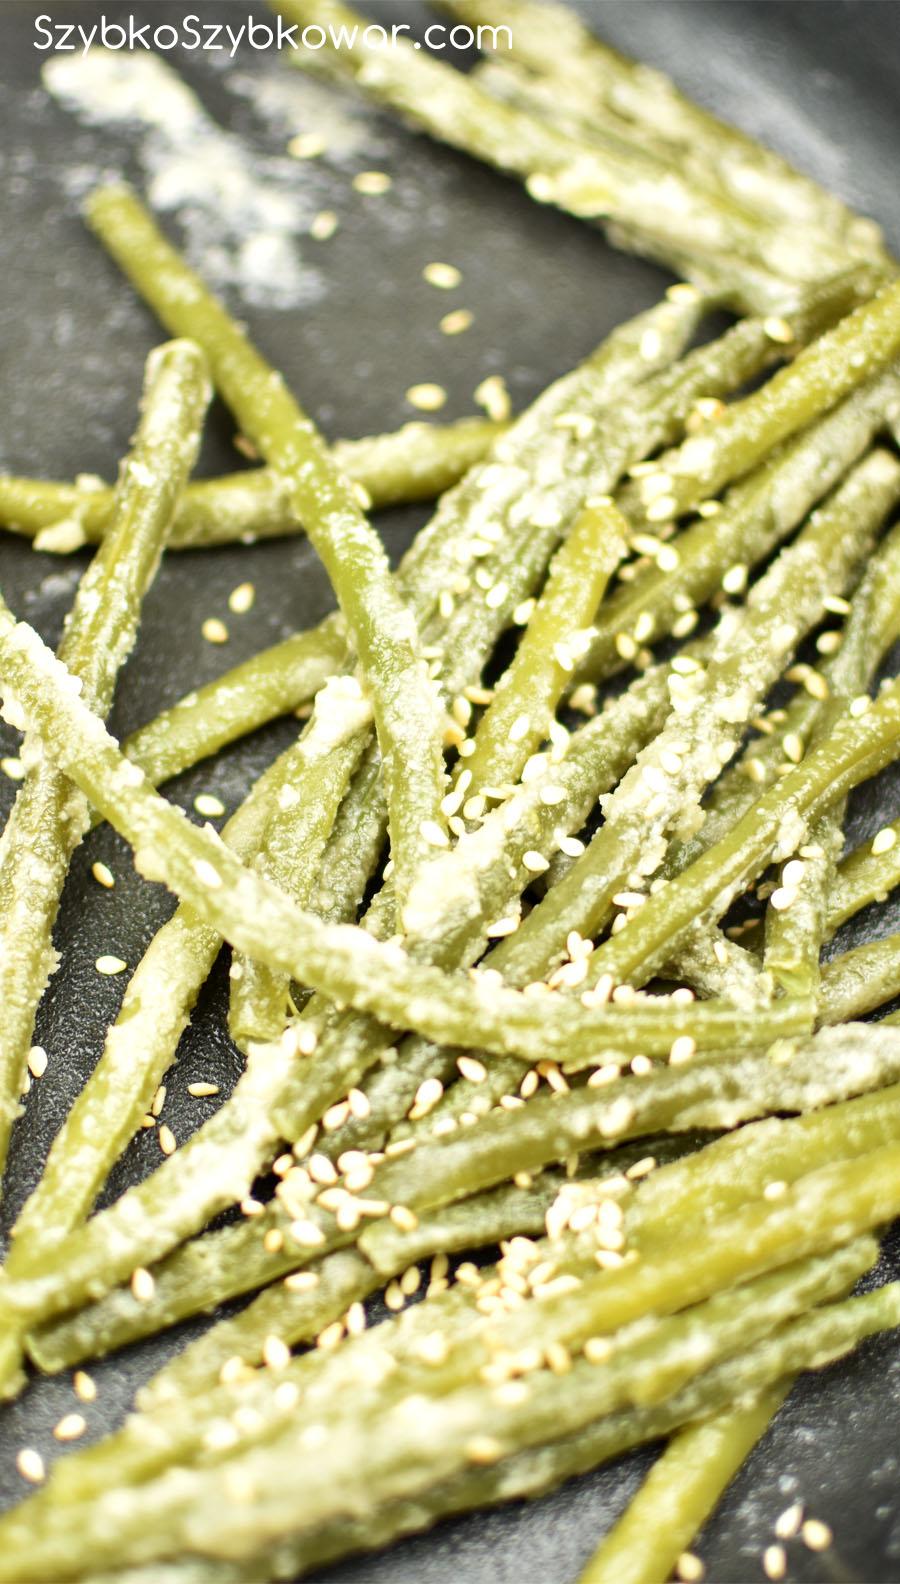 Posyp całość niedużą ilością sezamu - potrząsaj patelnią, aby sezam obtoczył fasolki.